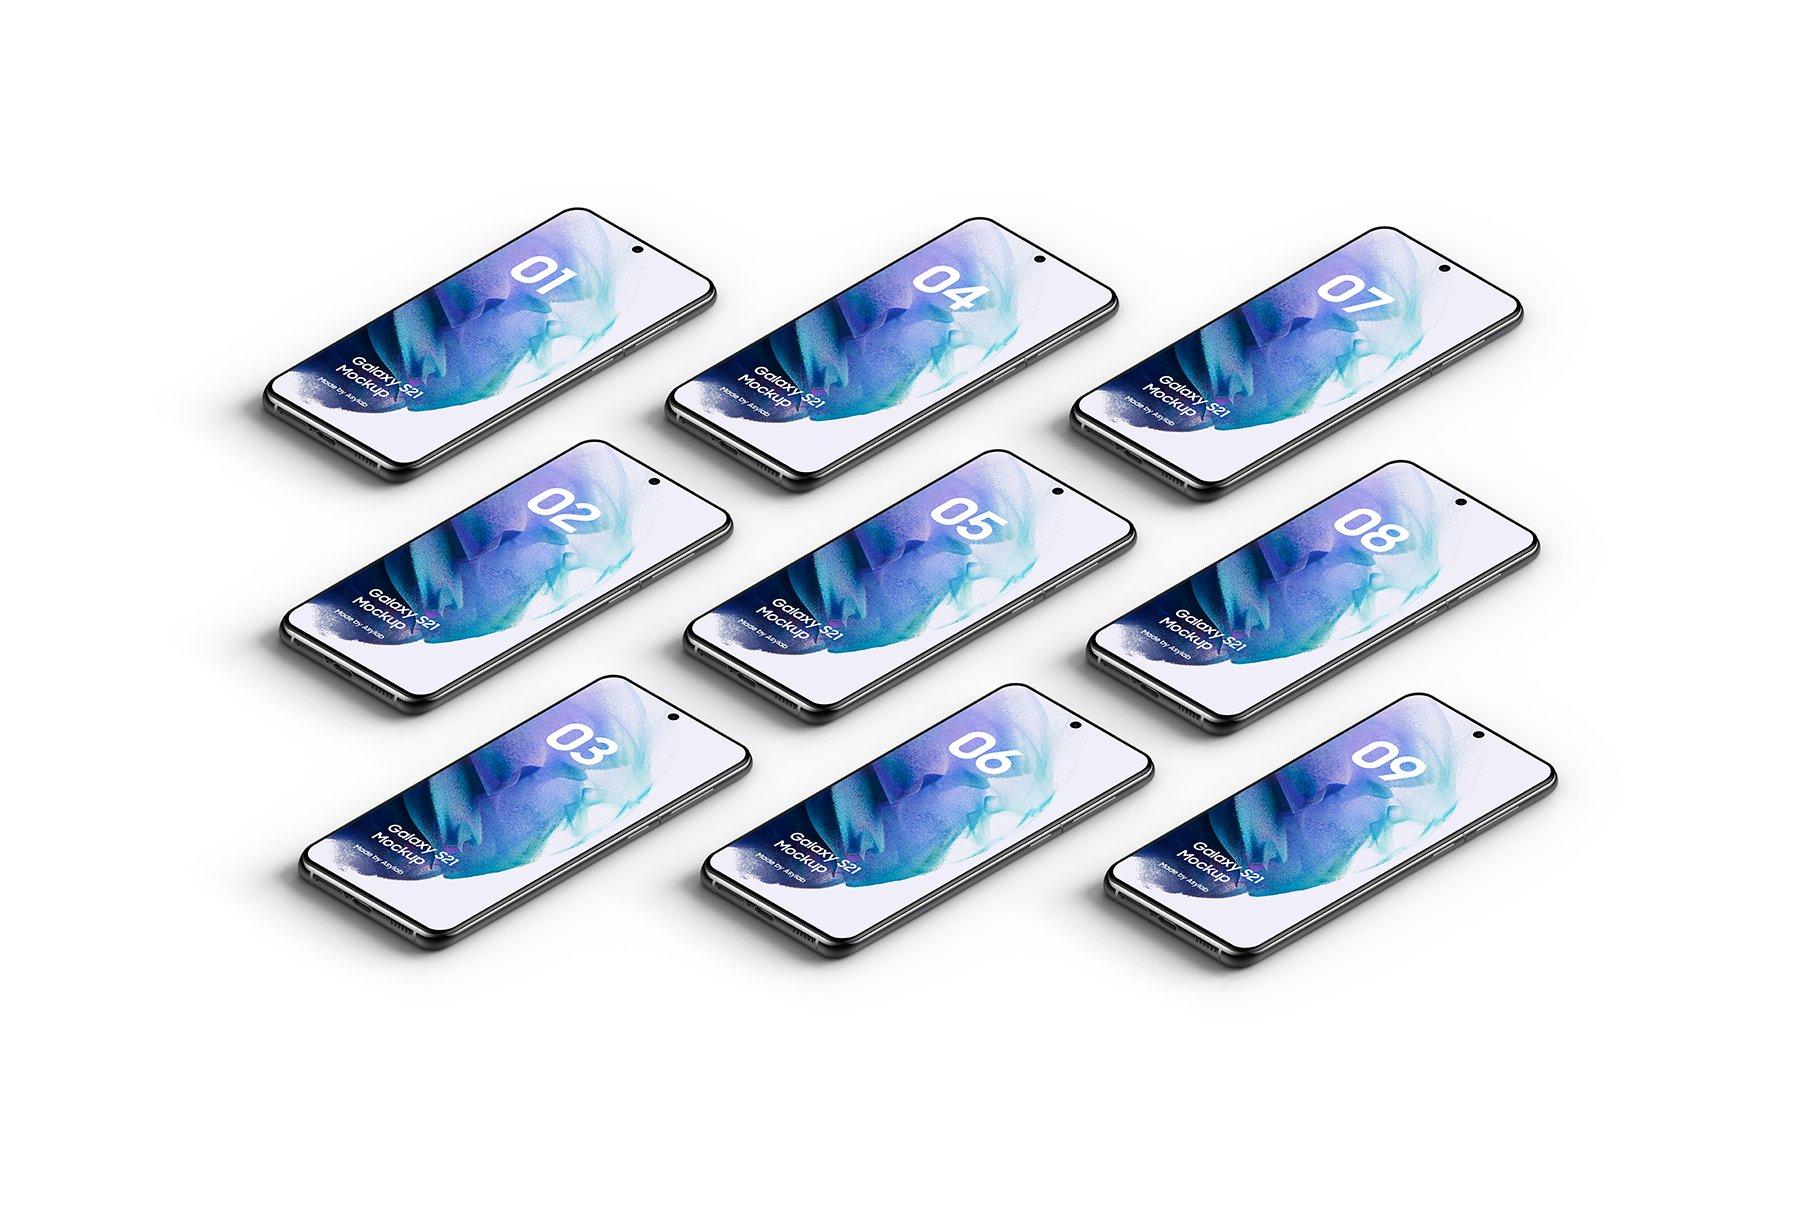 [单独购买] 20款三星Galaxy S21手机网站APP界面设计演示样机模板套件 Galaxy S21 – 20 Mockups Scenes插图20